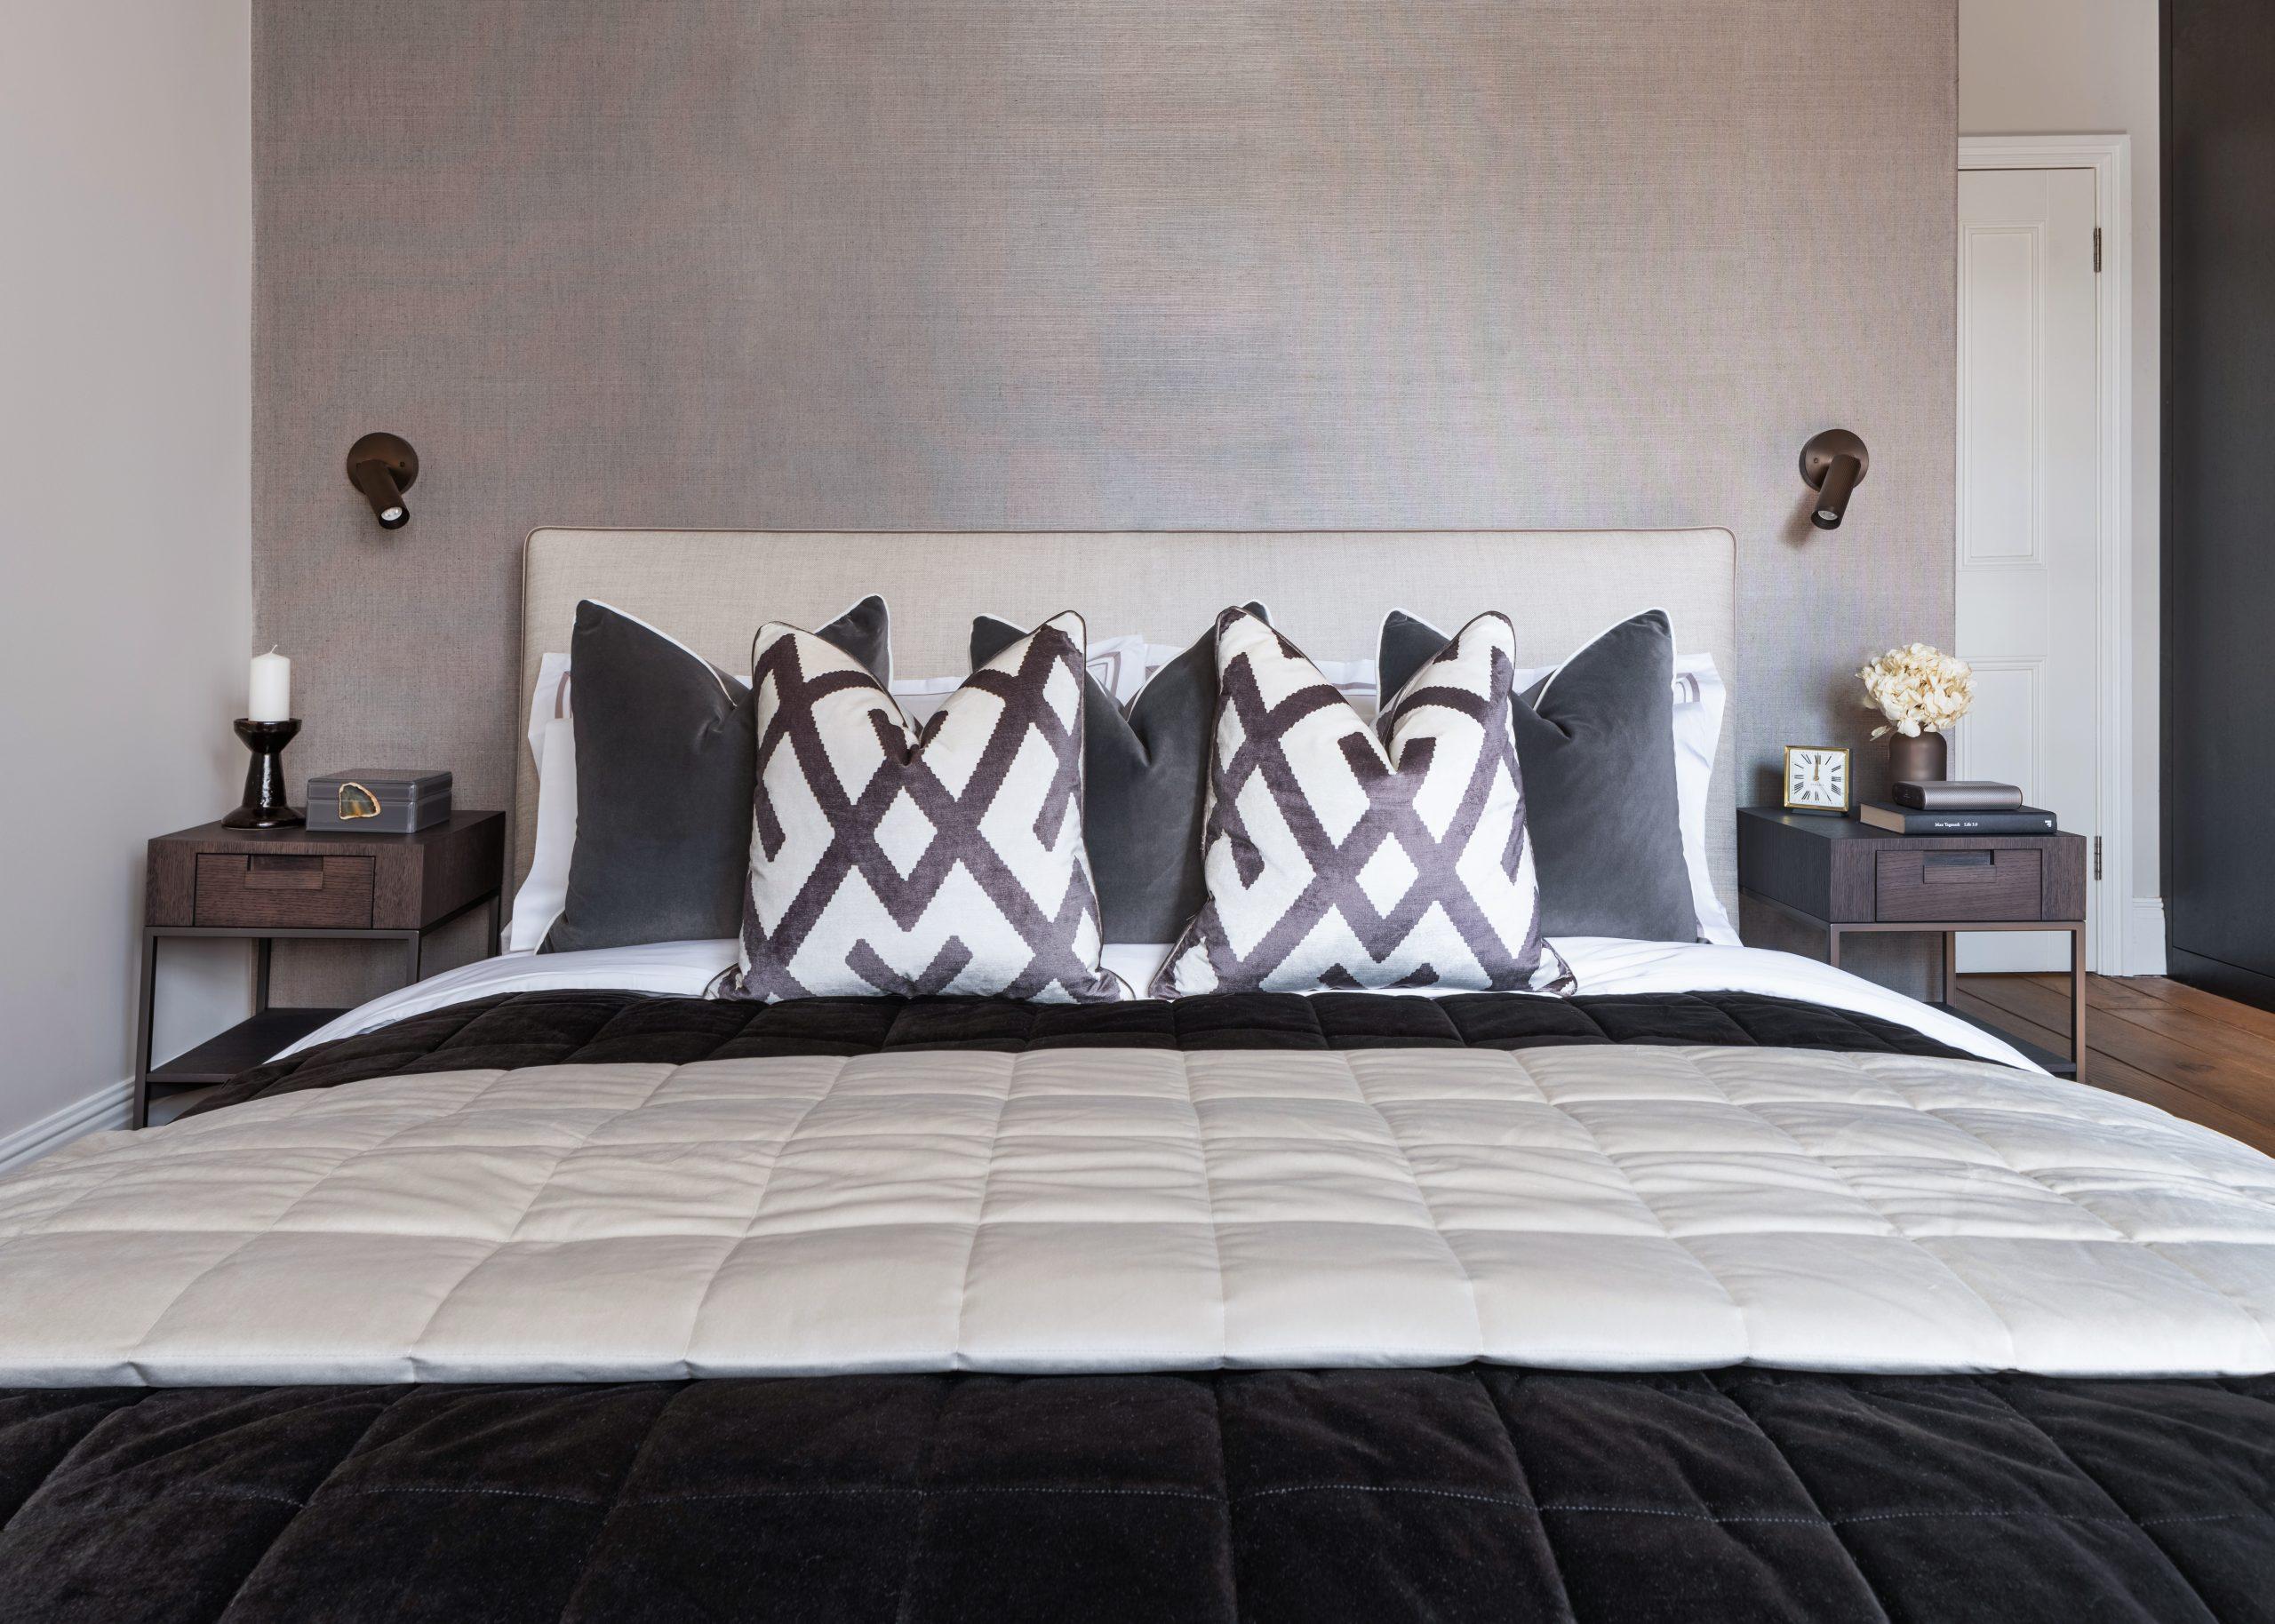 B & B Italia master bed